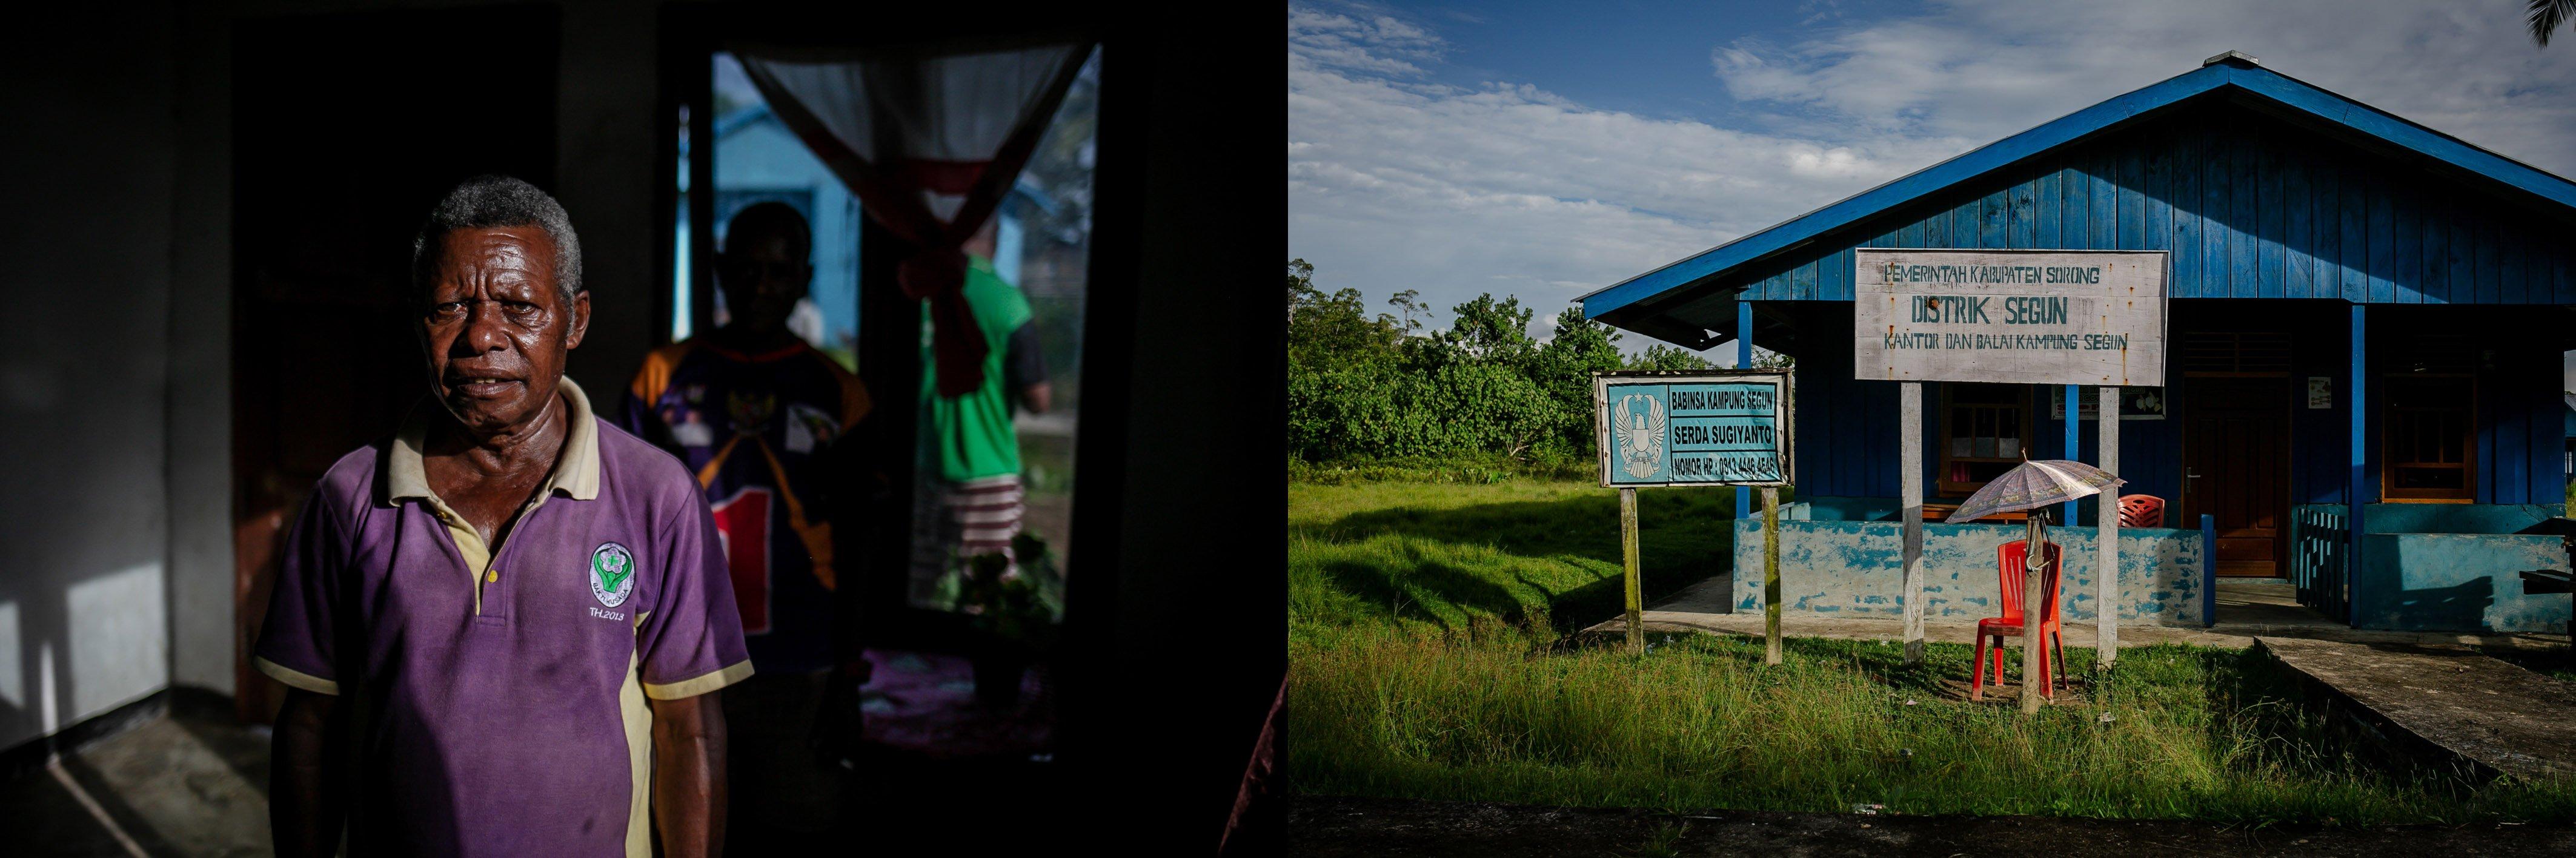 Permenas Hae (56) berpose di dalam rumahnya di Distrik Segun, Kabupaten Sorong, Papua Barat, Minggu, (19/9/2021). Menurutnya Segun merupakan titik lokasi yang terbilang kecil, selama beberapa tahun terakhir beberapa perusahaan terus berdatangan dengan dalih janji akan membawa kami kepada kemajauan dengan dibangunkannya jalan dan anak-anak diberi pendidikan. Sebagai Kepala Kampung saya dan beberap marga yang ada di distrik ini tak akan izinkan perusahaan masuk, karena sawit menurut saya hanya akan membawa k